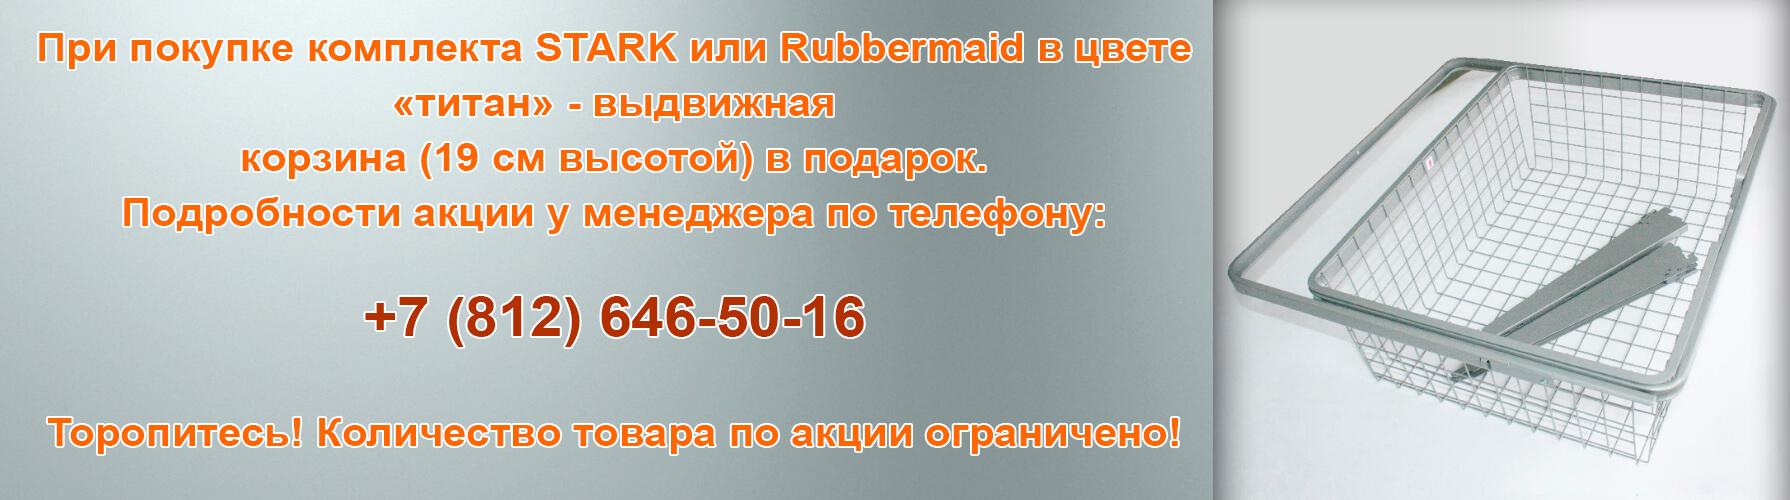 catalog/banner101korz.jpg